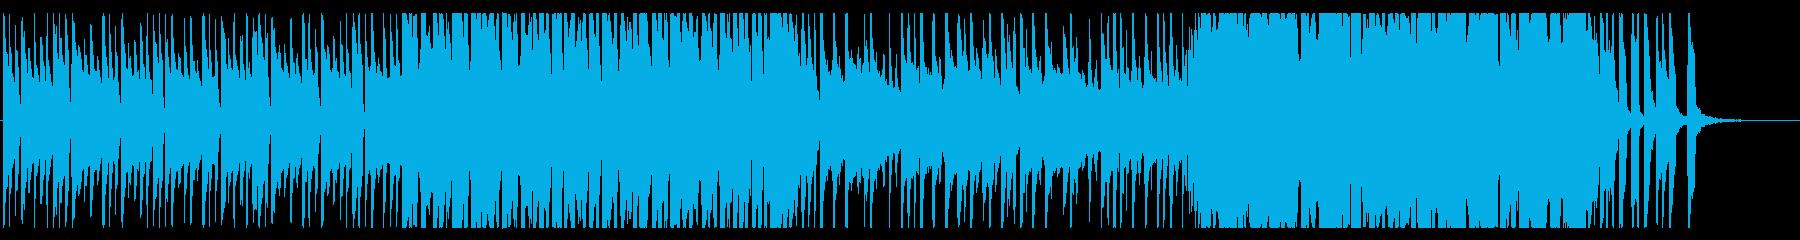 アコースティッックで楽しい雰囲気のBGMの再生済みの波形